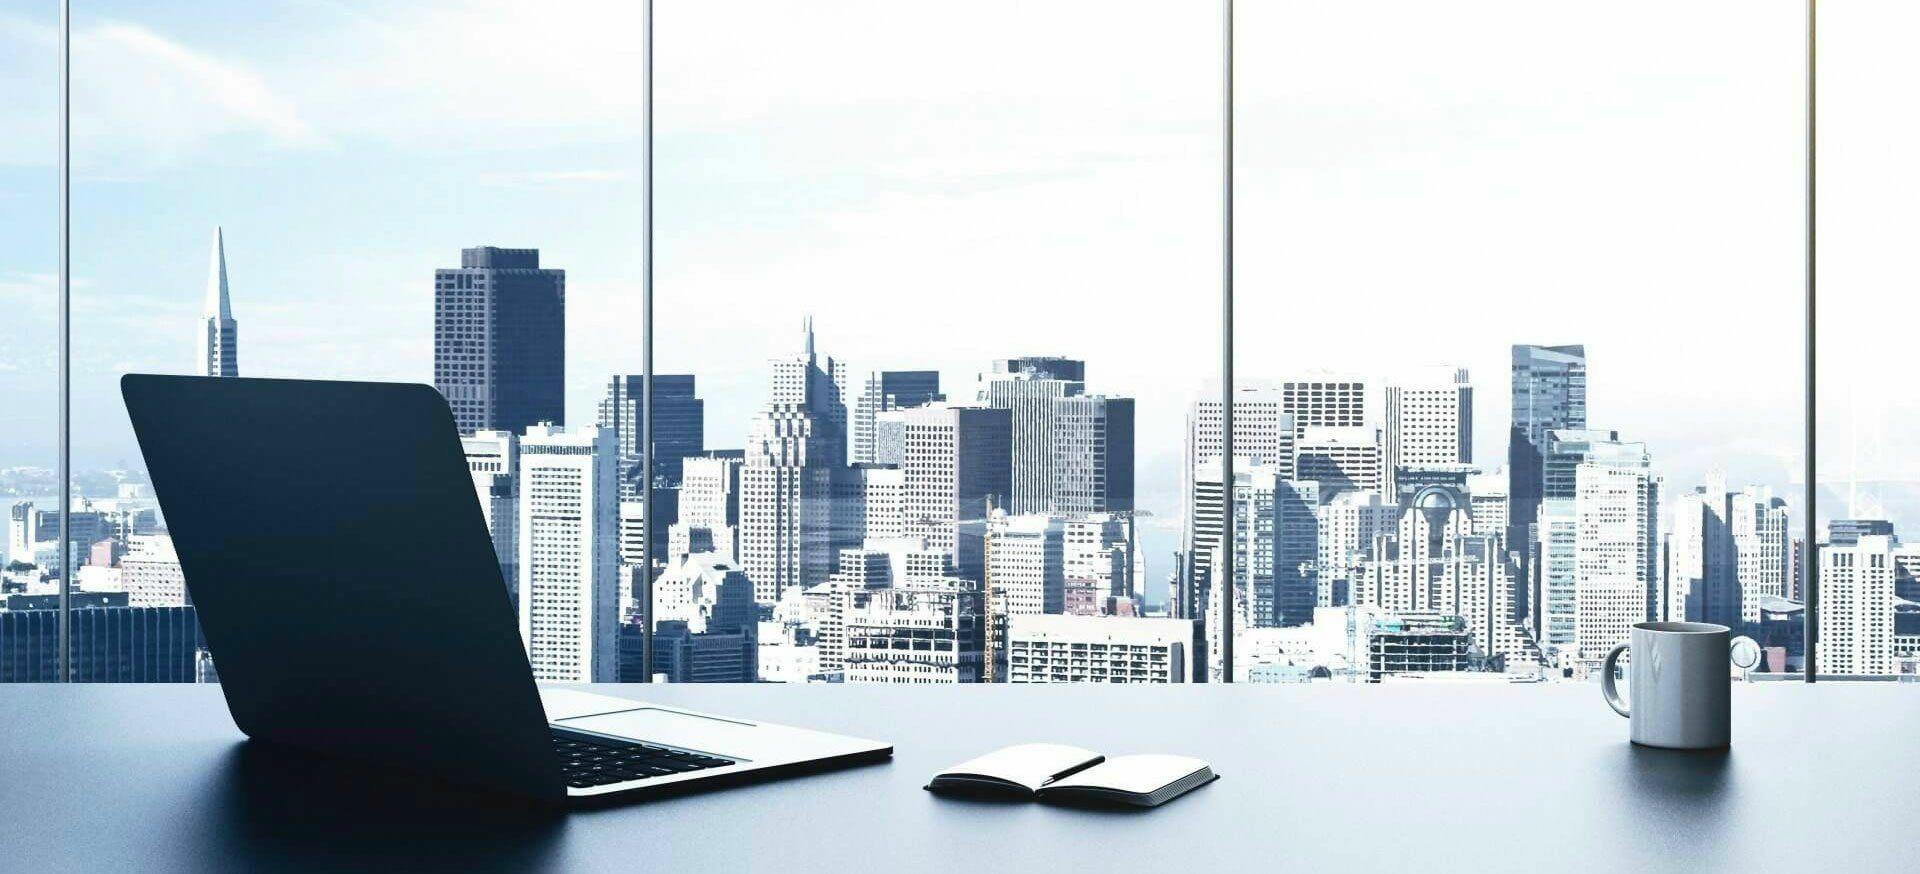 business-office-wallpaper-business